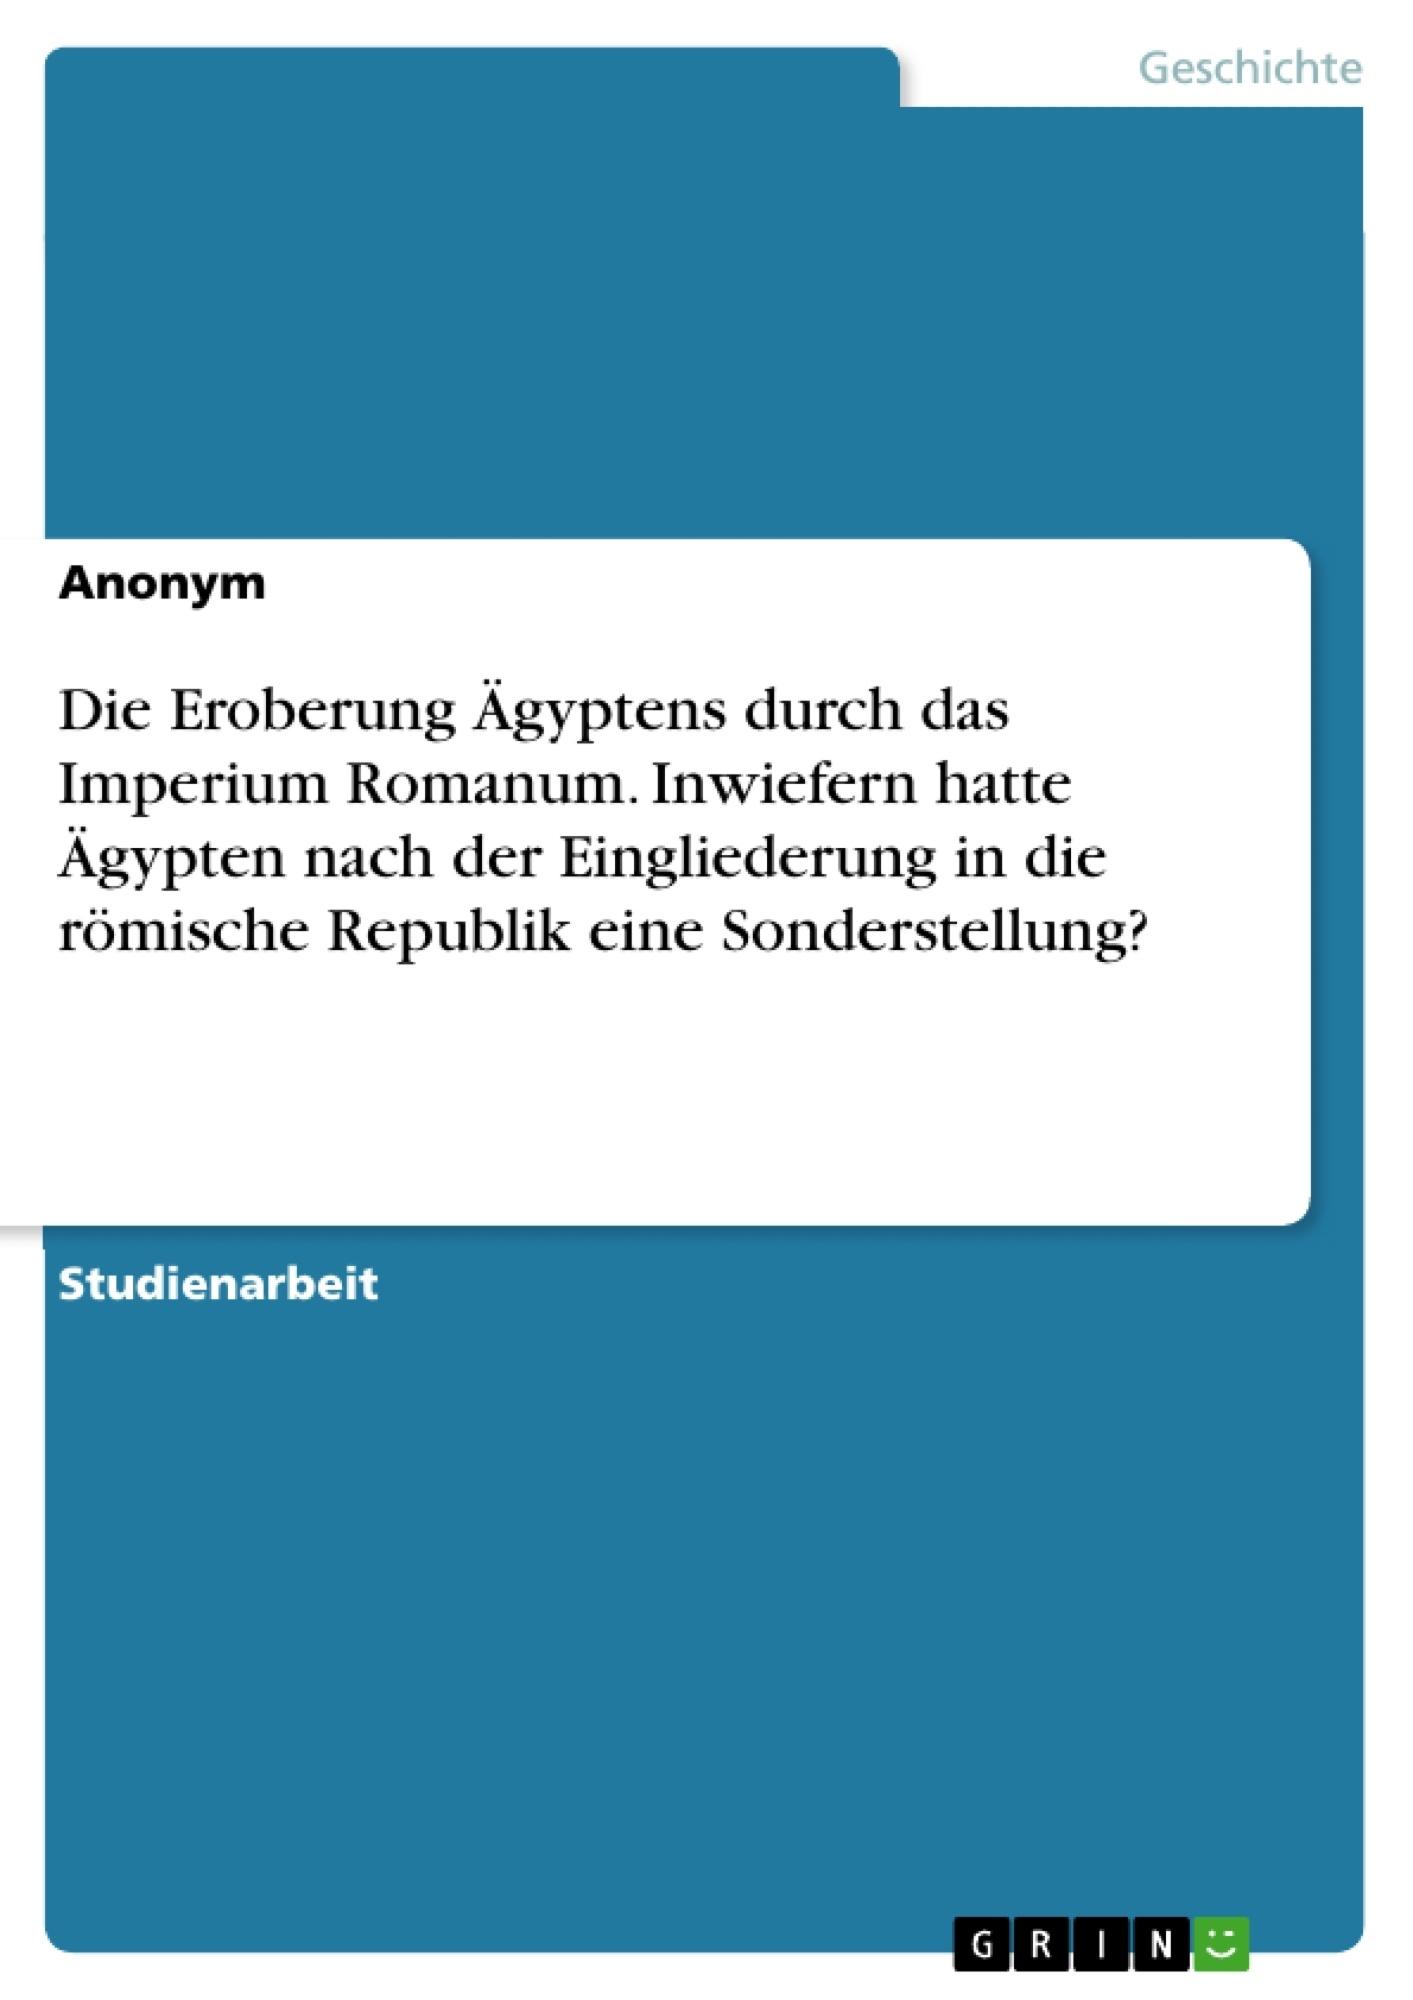 Titel: Die Eroberung Ägyptens durch das Imperium Romanum. Inwiefern hatte Ägypten nach der Eingliederung in die römische Republik eine Sonderstellung?